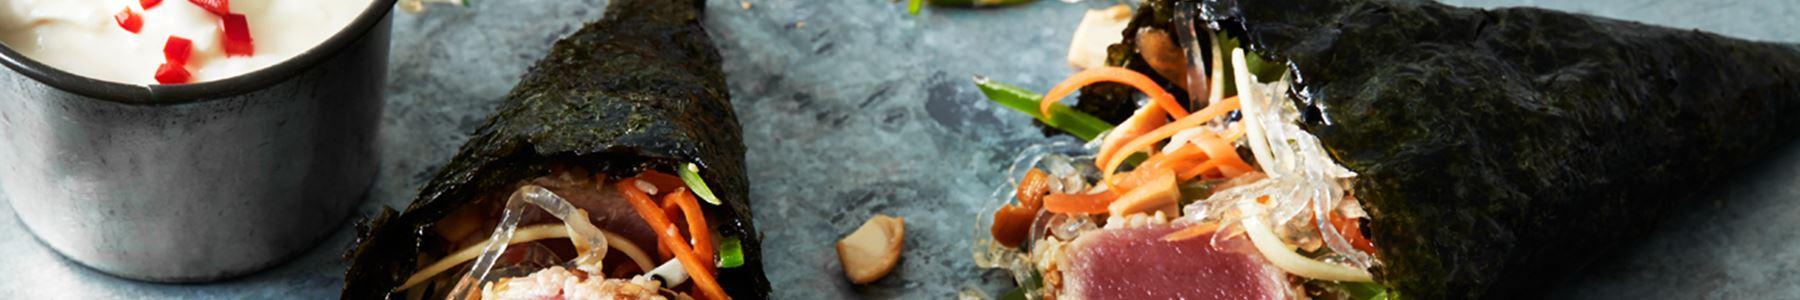 Fisk + Chili + Sallad